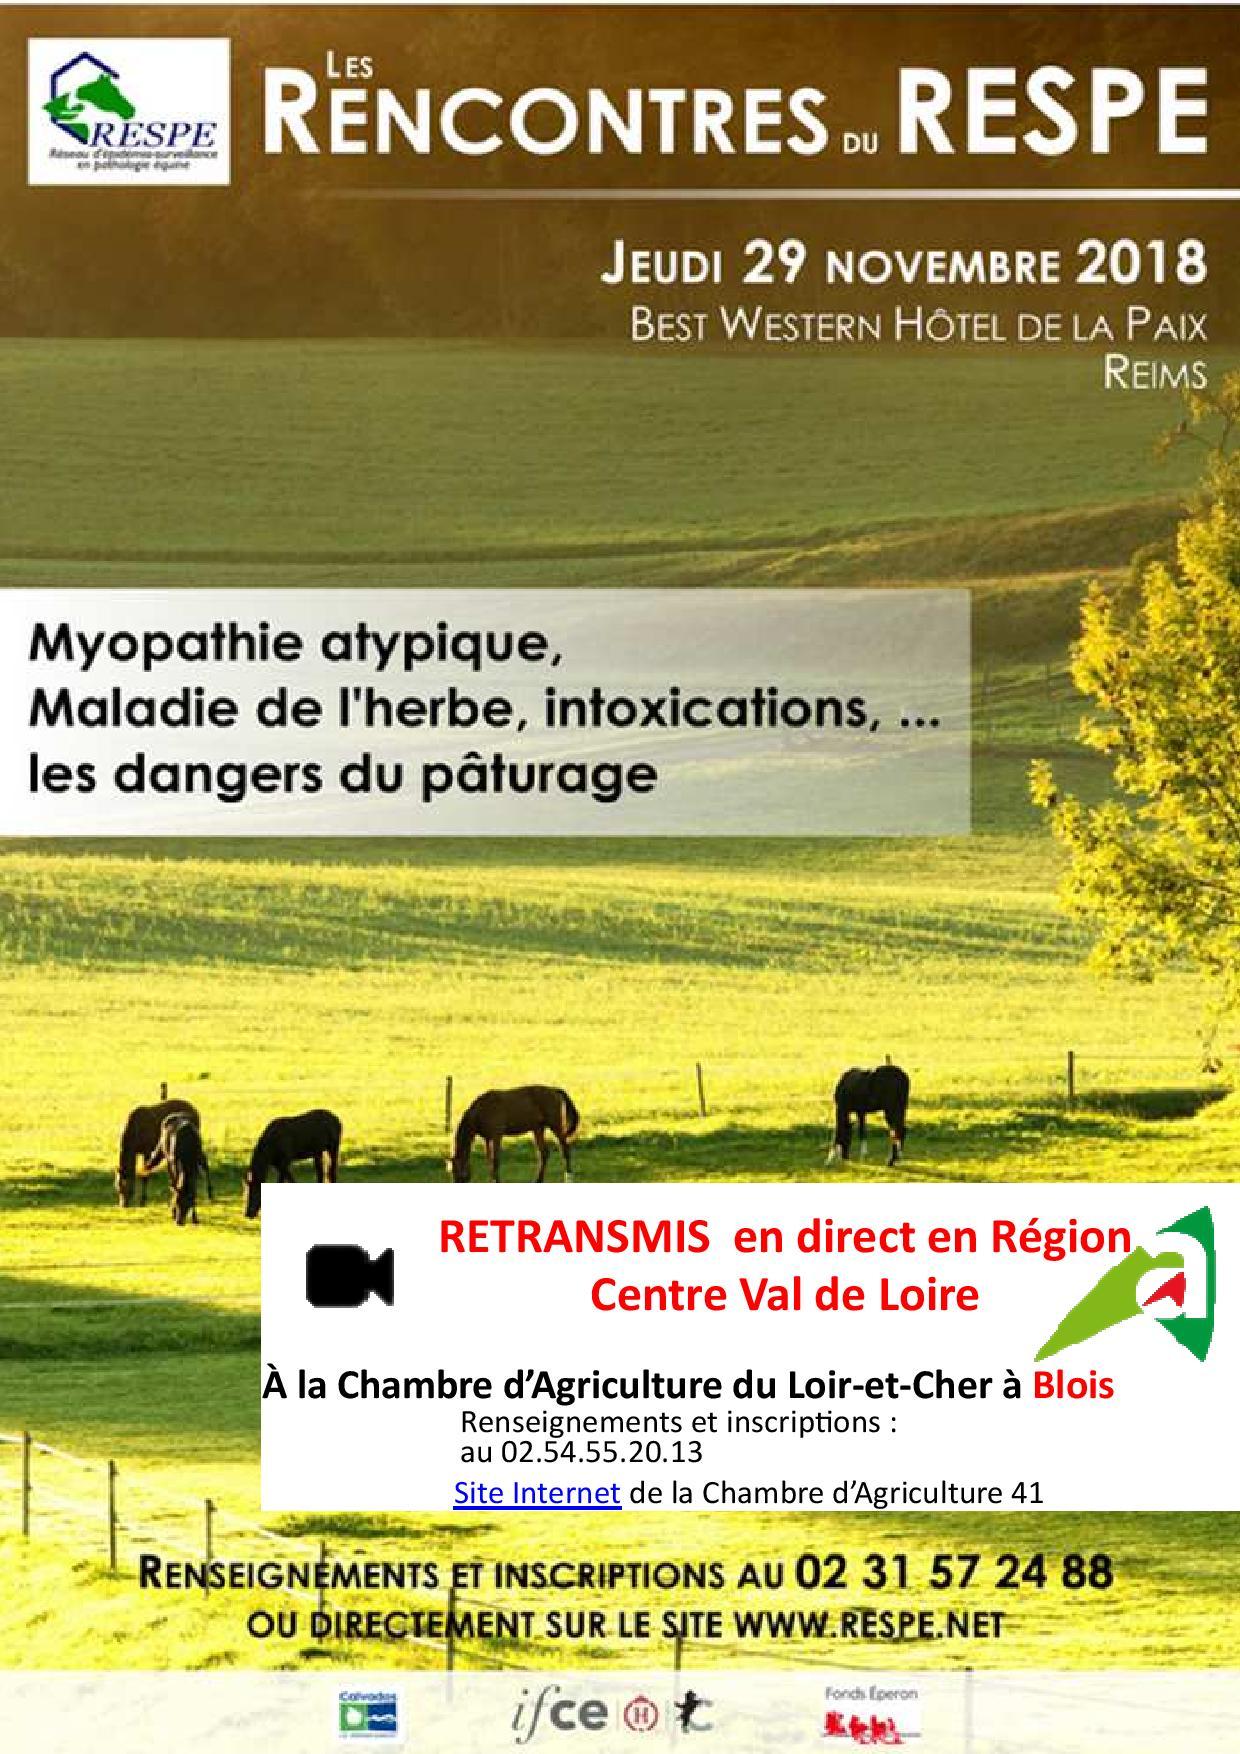 Les rencontres du RESPE retransmis à la Chambre d'Agriculture 41 : les dangers du pâturage